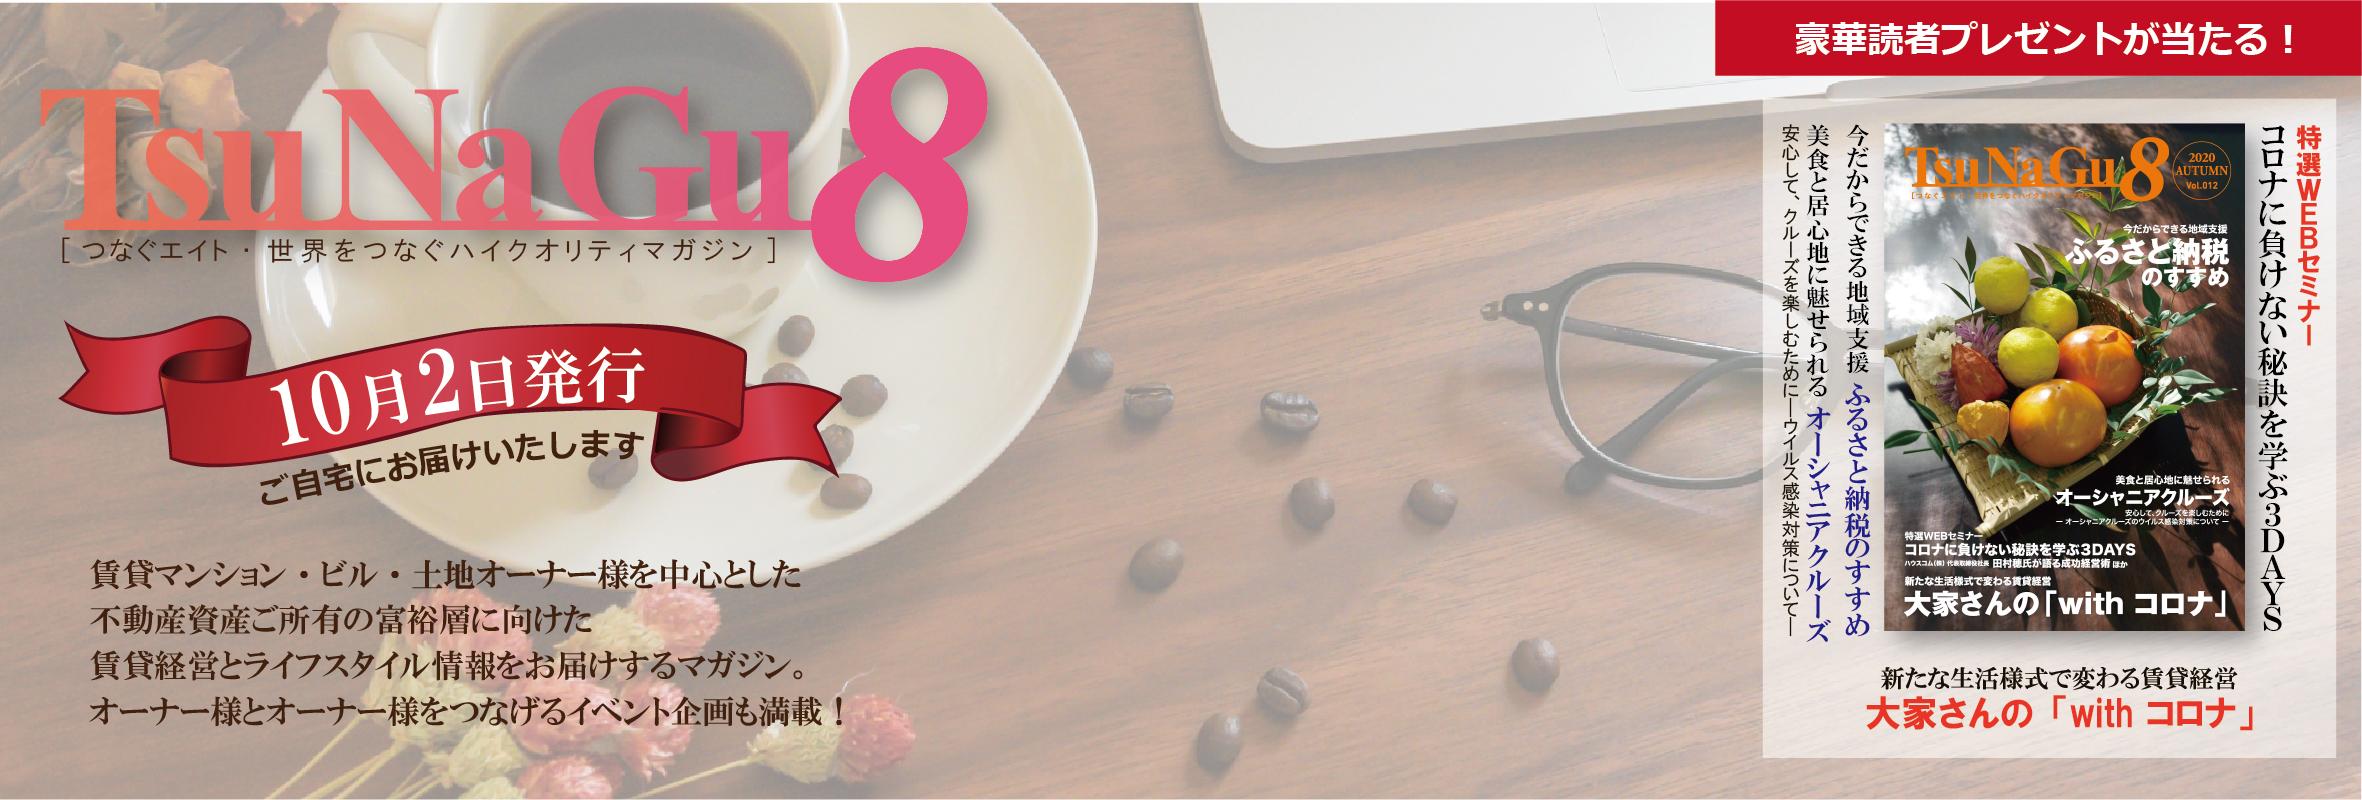 賃貸経営&ライフスタイル情報マガジン「TsuNaGu8」12号